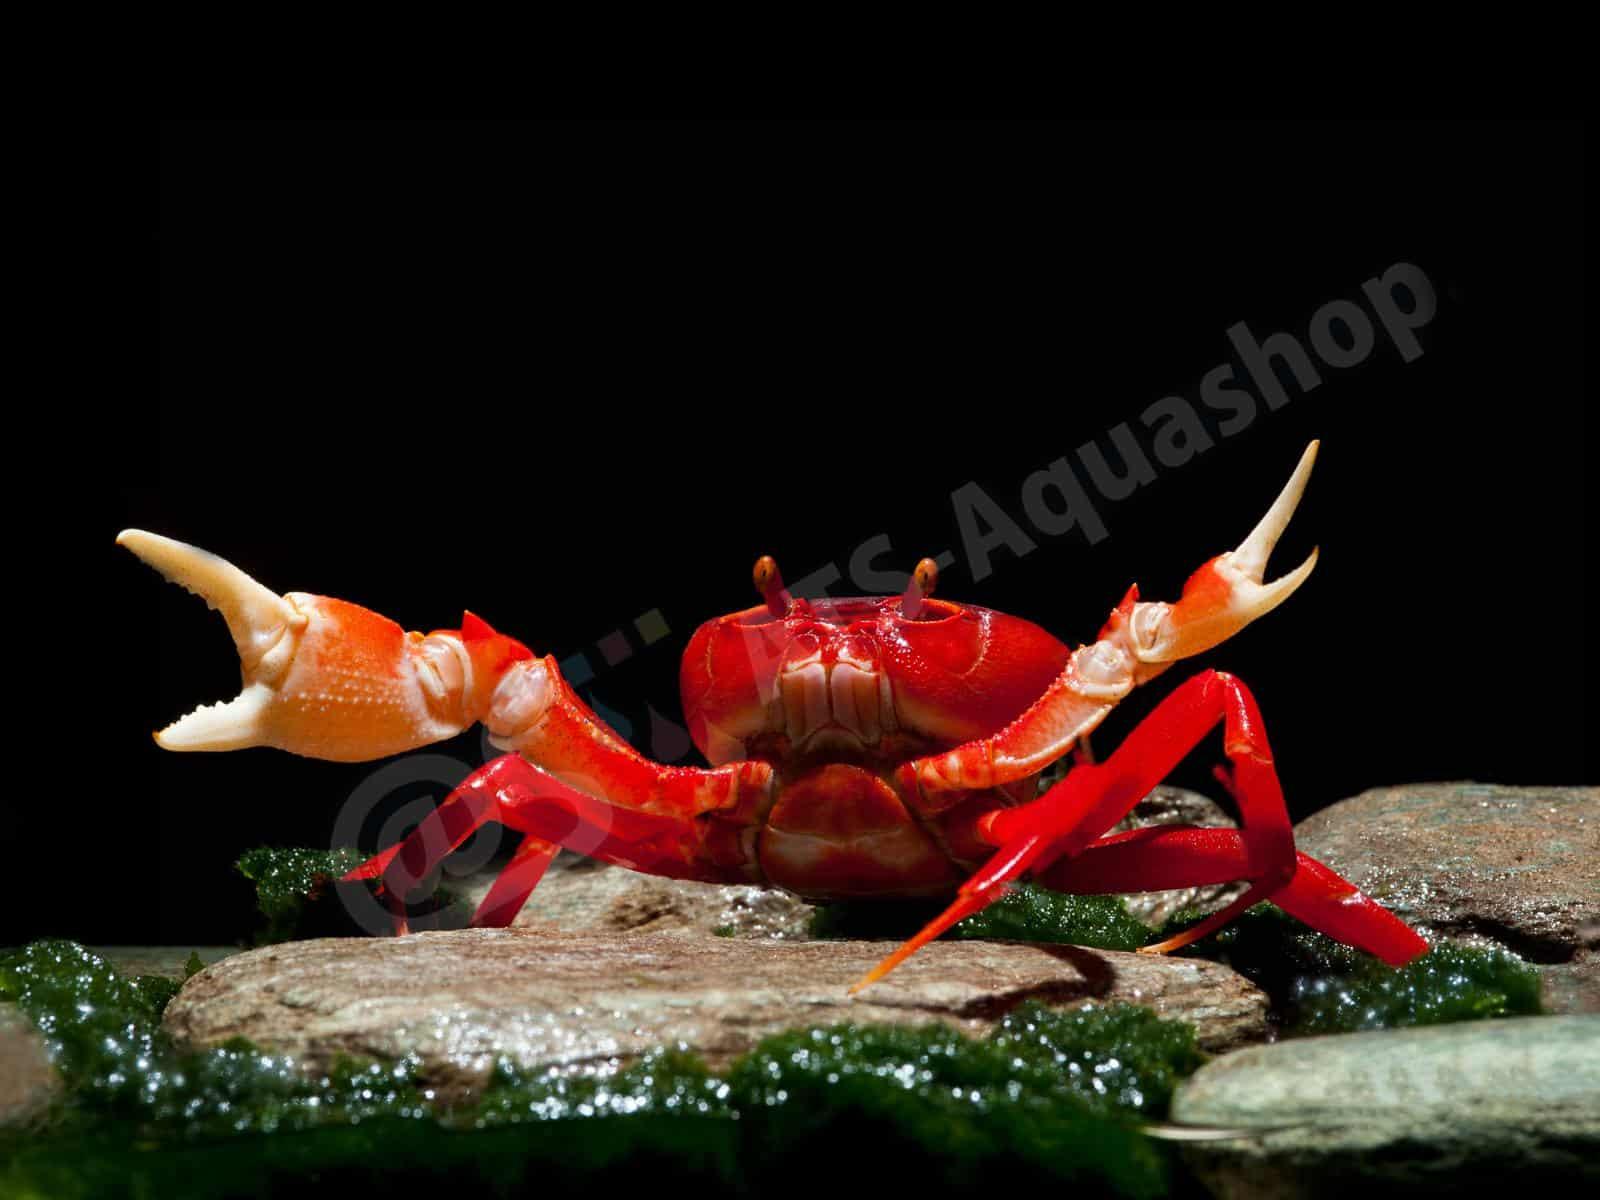 krabbe rot vietnam enrico richter 0252 6